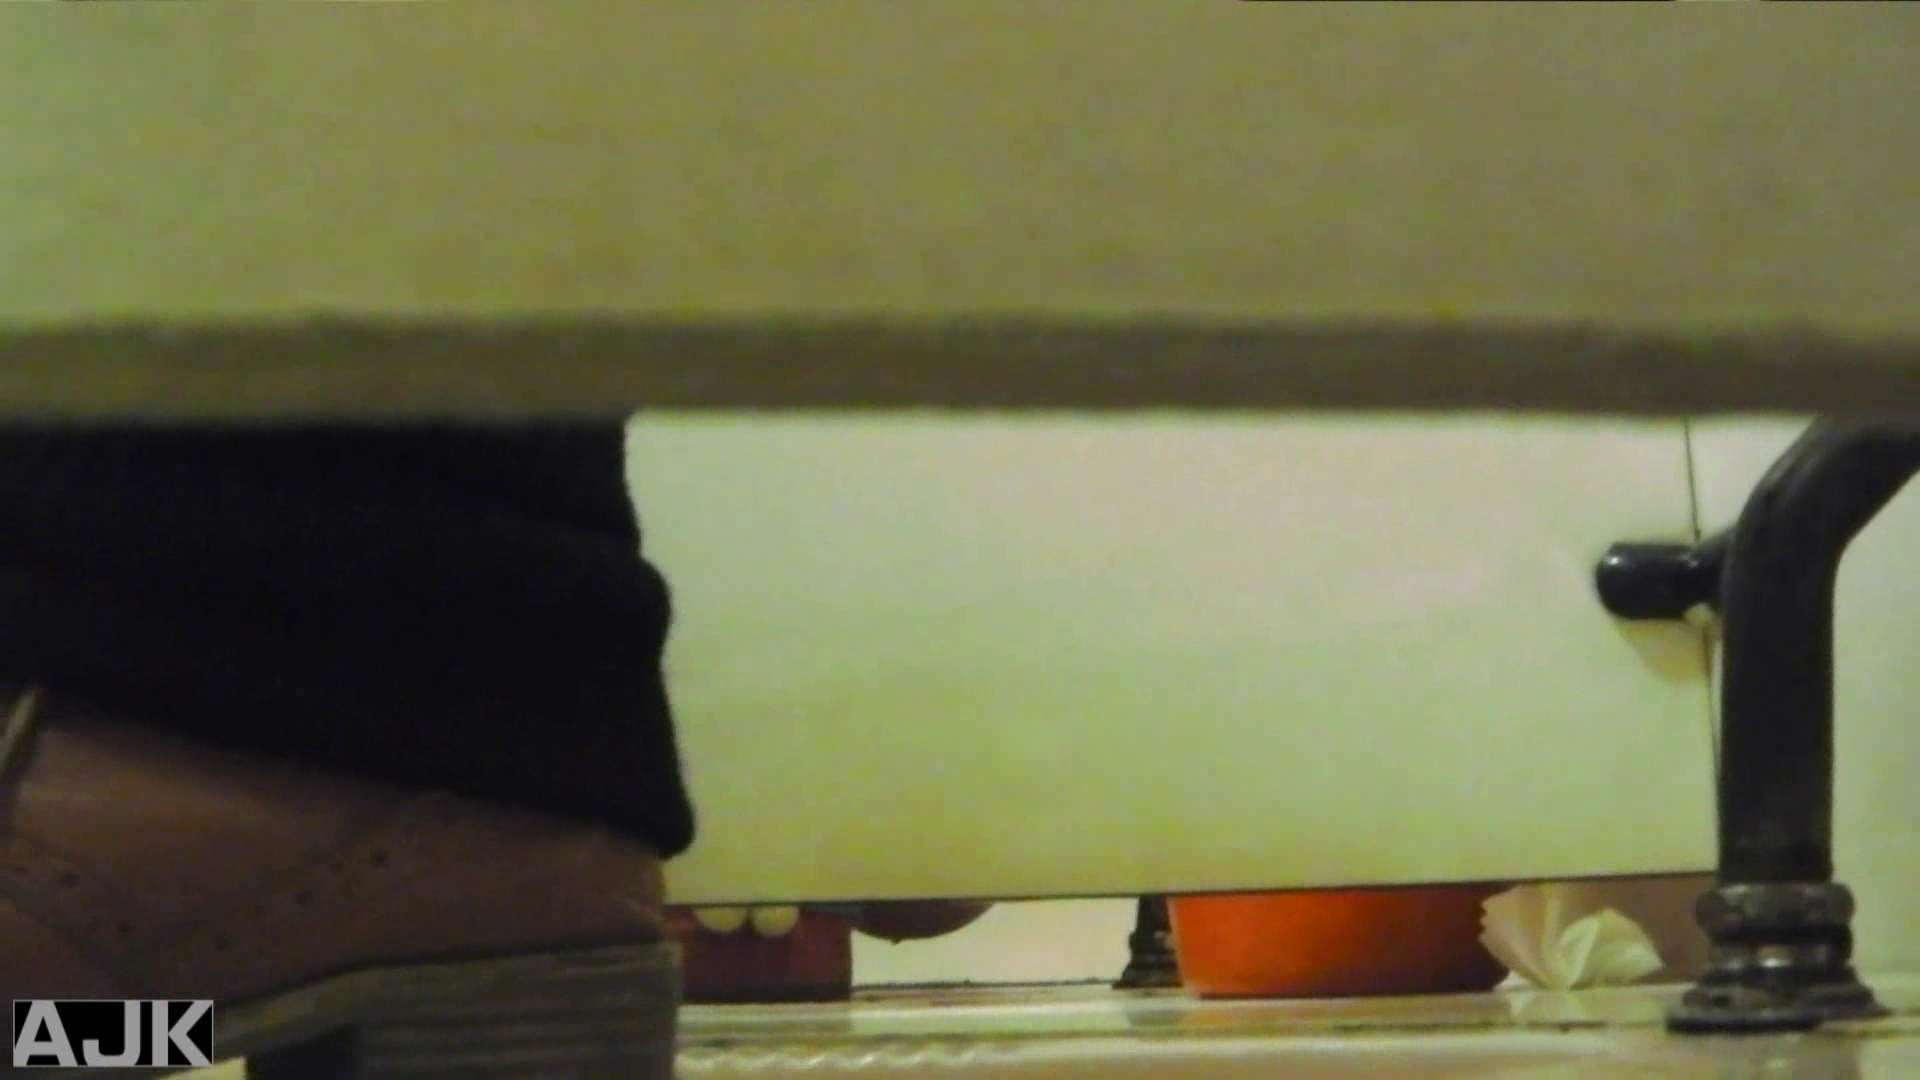 隣国上階級エリアの令嬢たちが集うデパートお手洗い Vol.14 HなOL エロ無料画像 75pic 62